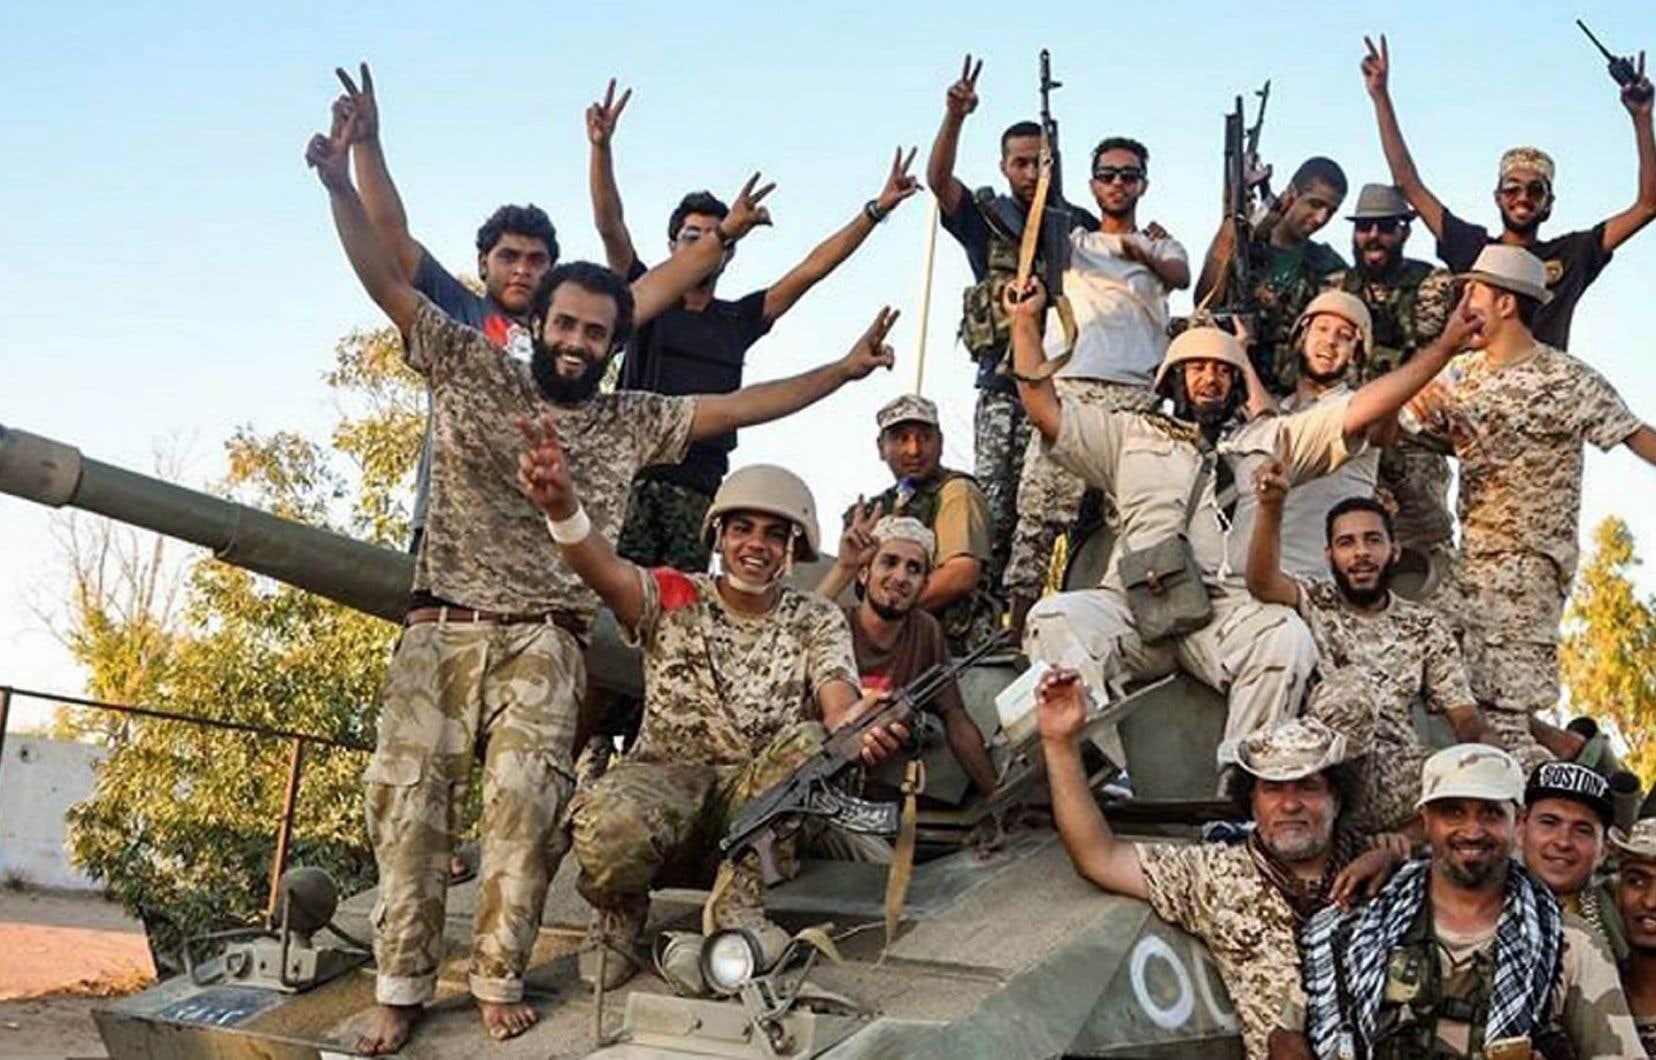 Plusieurs chaînes de télévision libyennes ont diffusé des images des soldats dans les zones «libérées», où ils posaient pour des photographes.